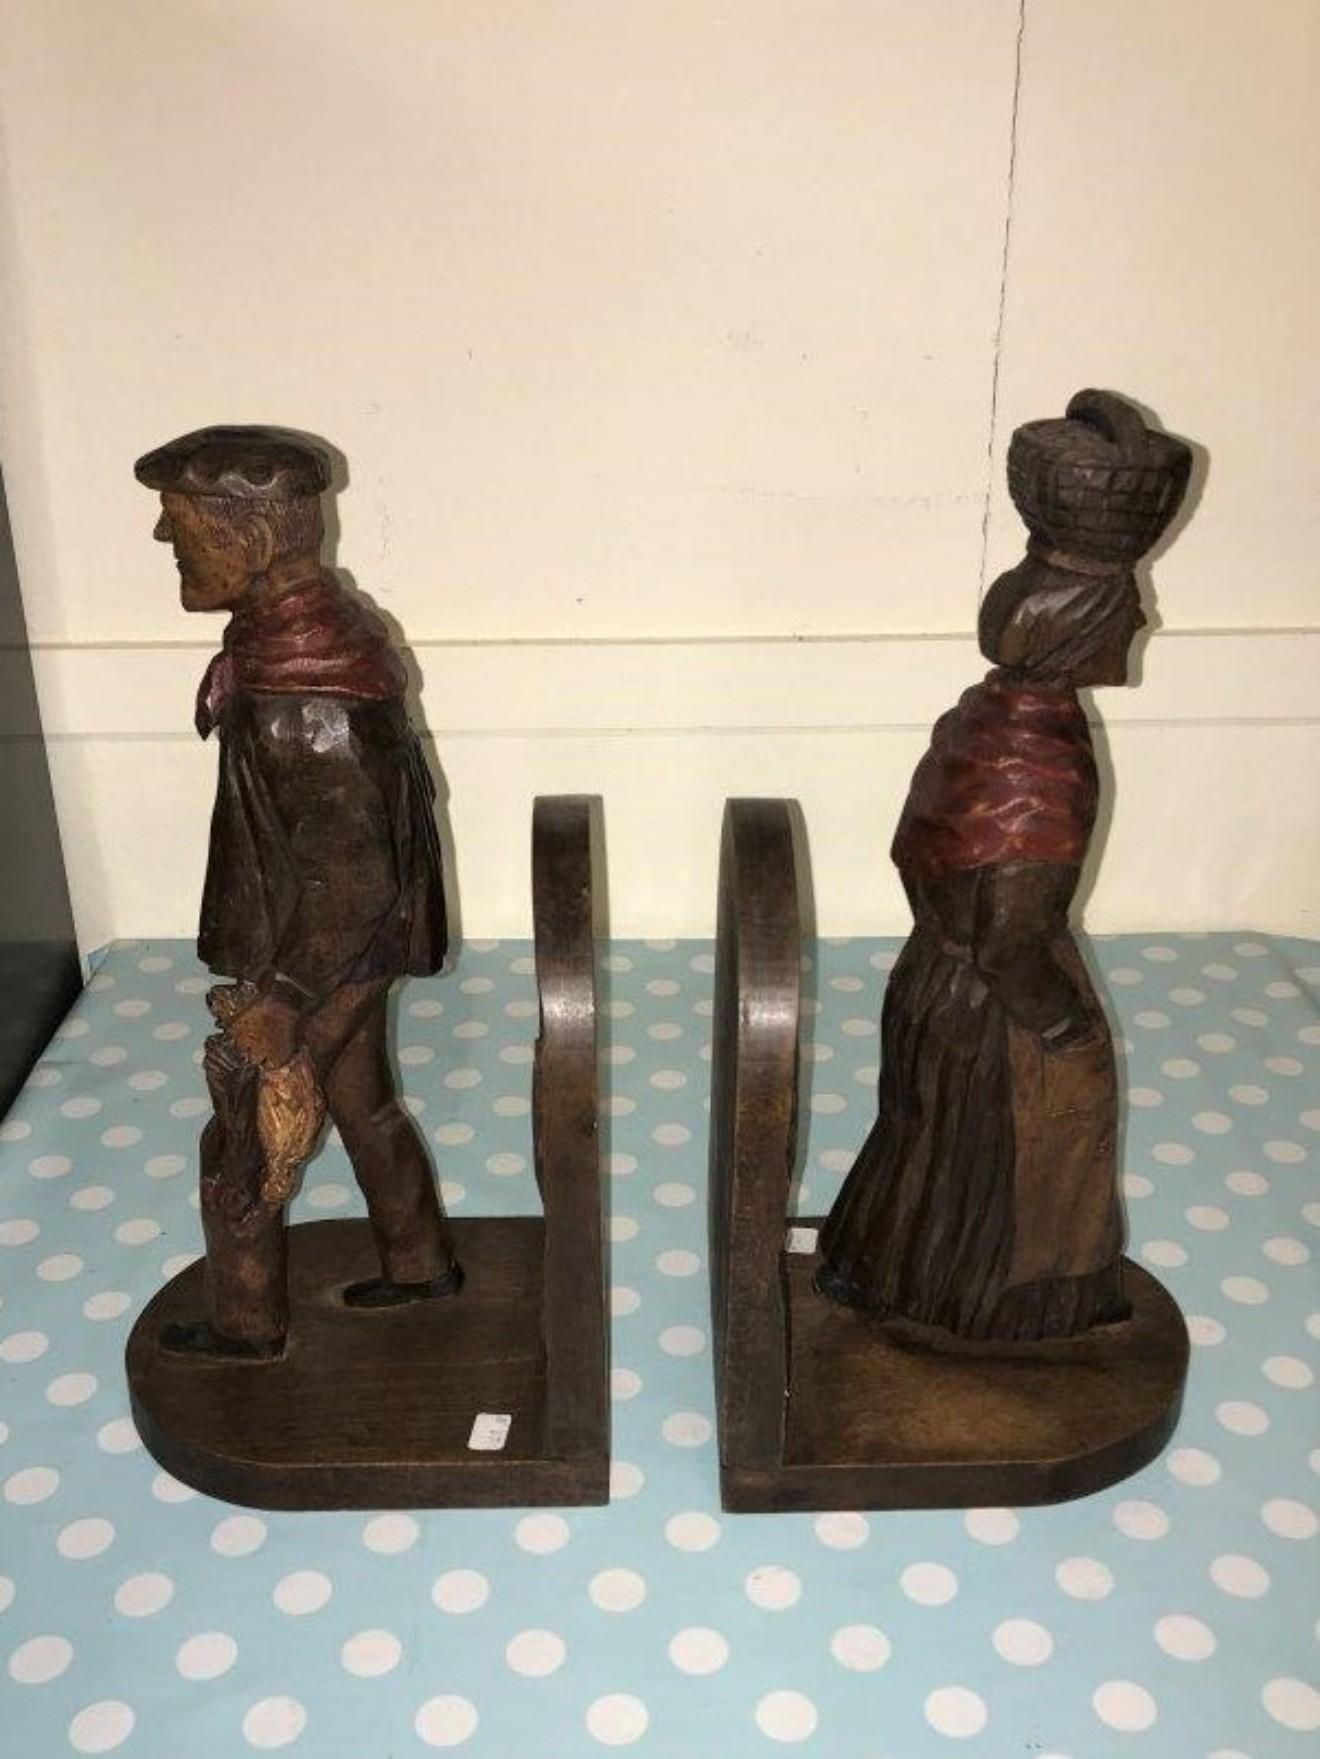 Pair of Carvings